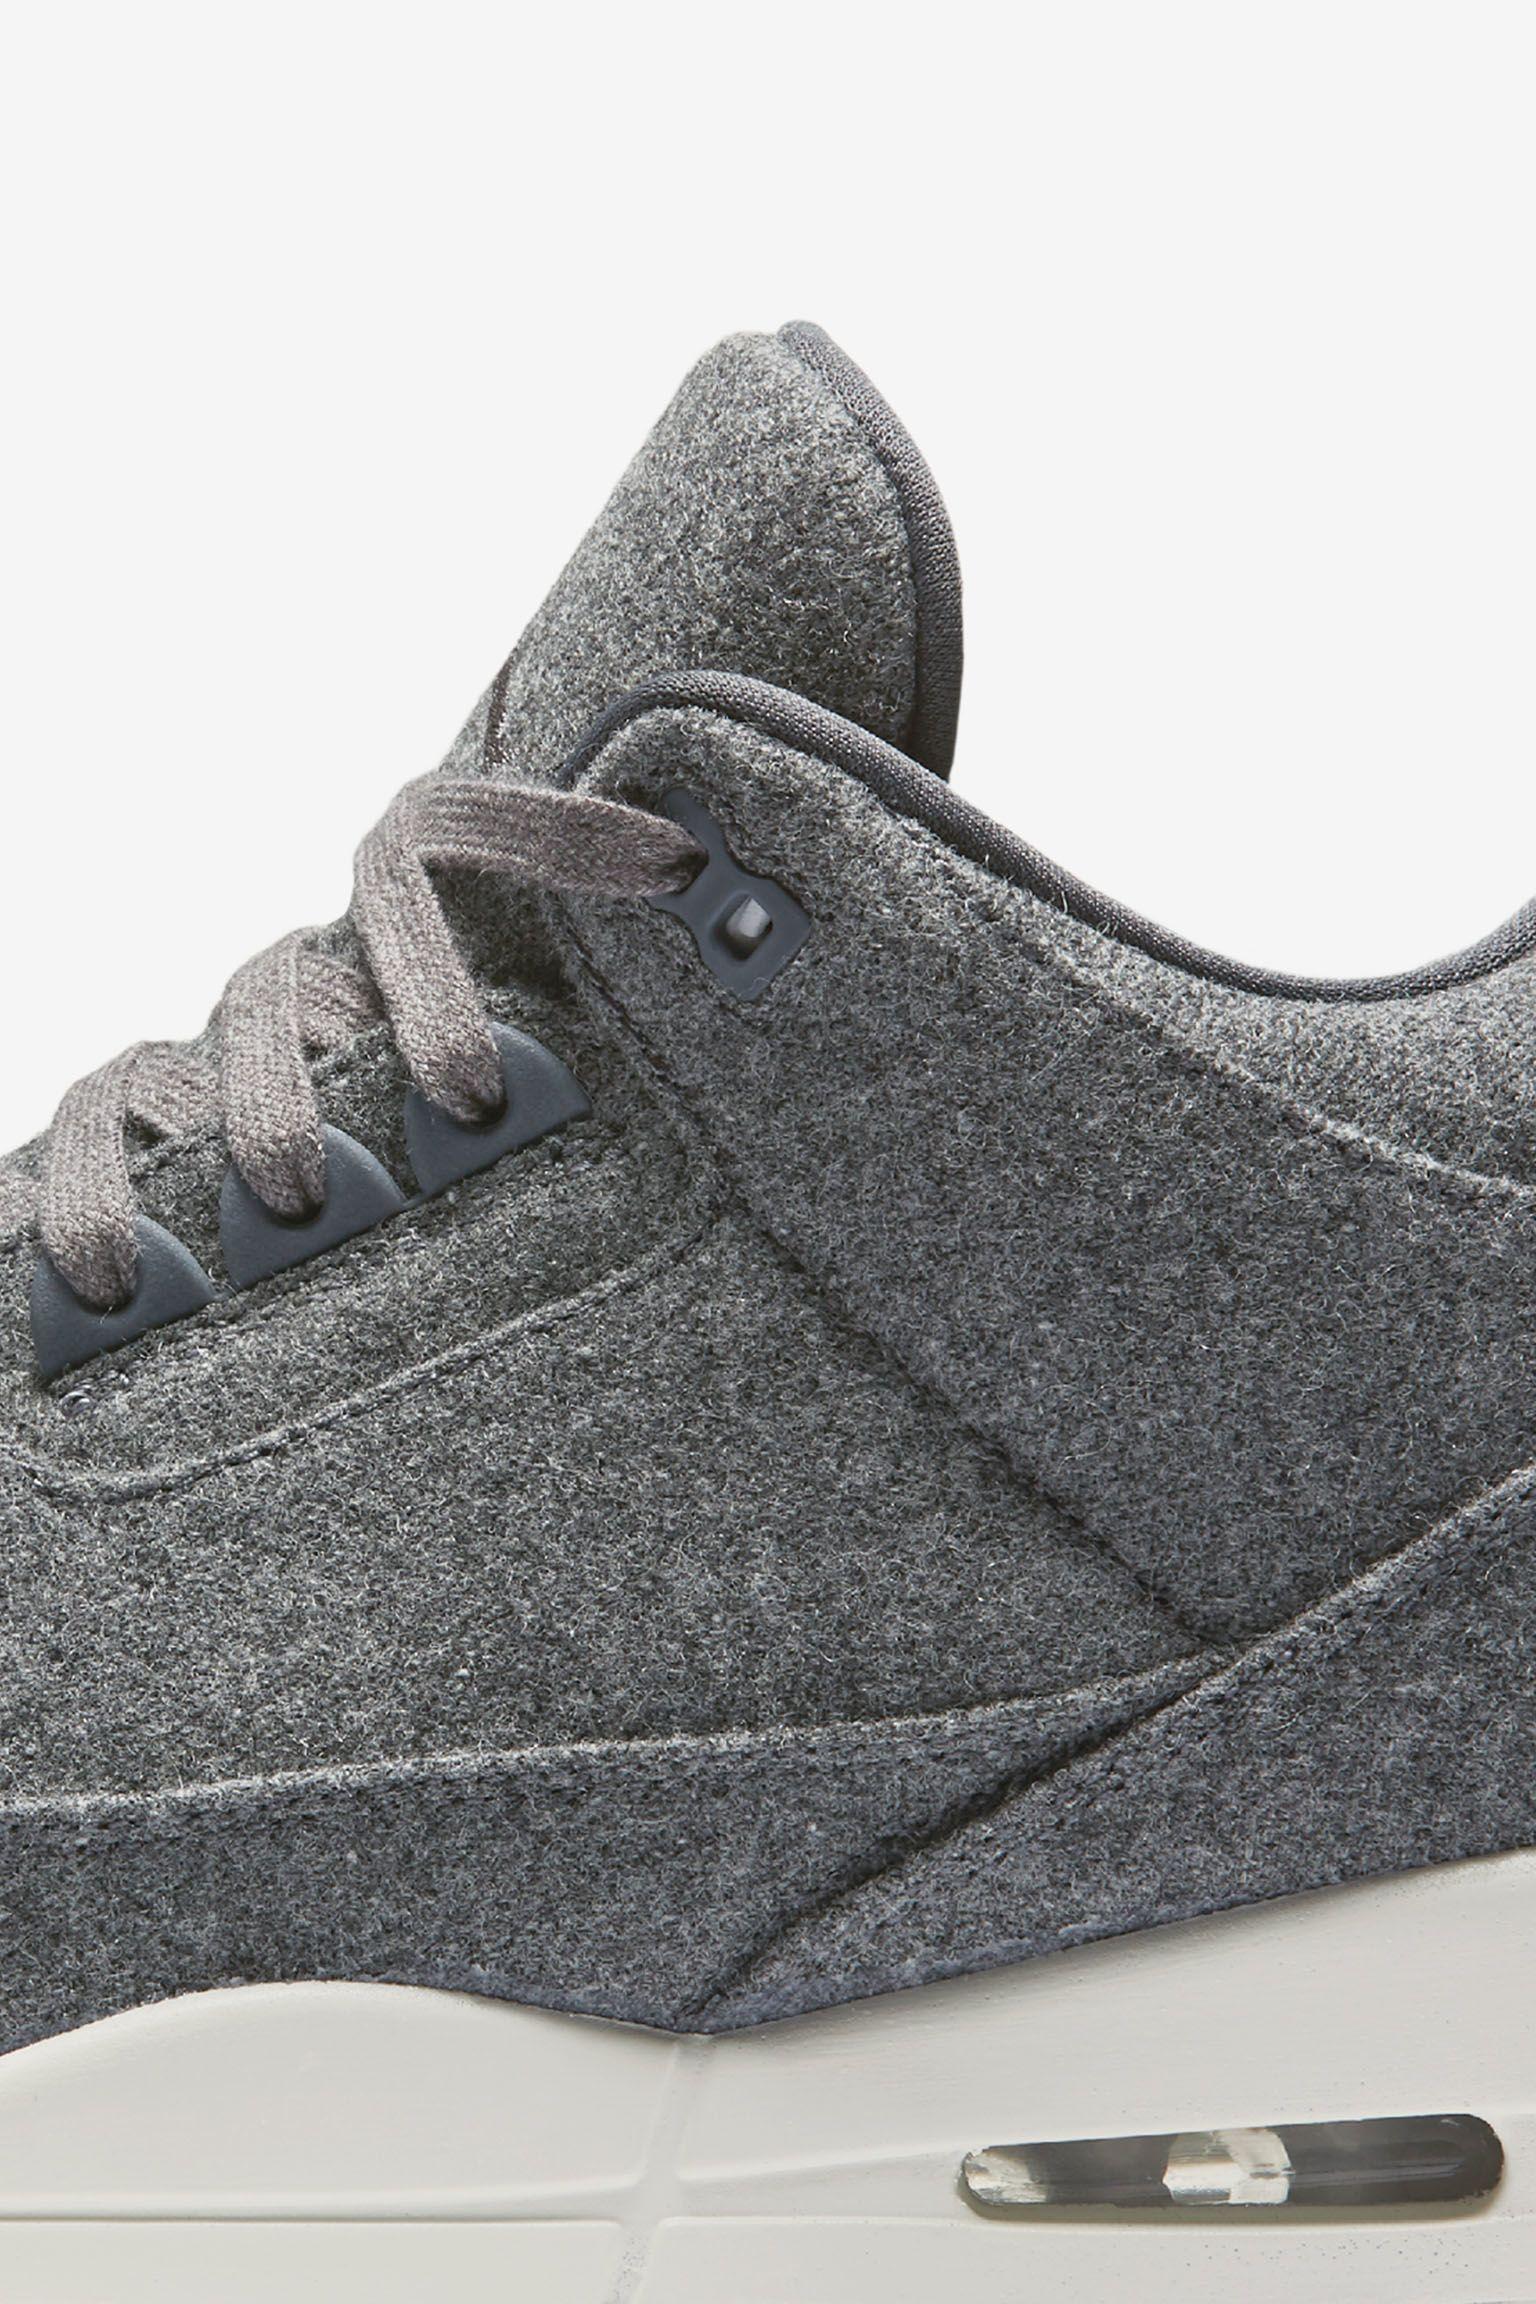 Air Jordan 3 Retro 'Dark Grey'